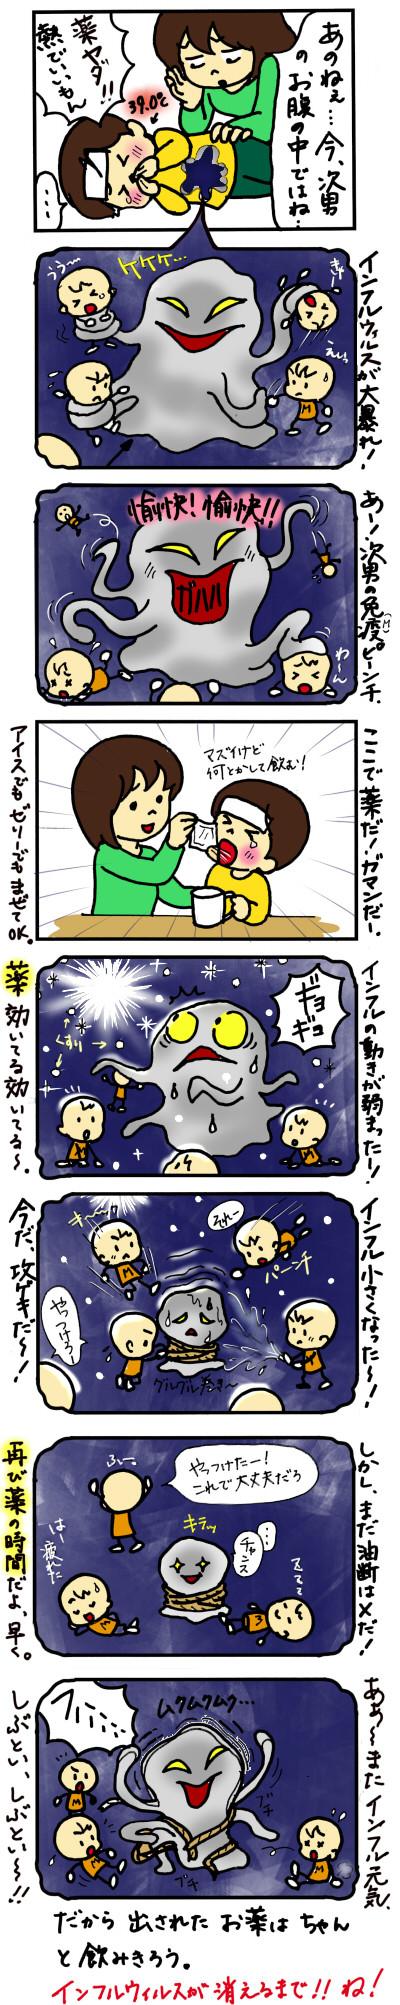 「病気をやっつけろ!」薬を飲むのが苦手な子どもに、漫画で分かりやすく伝える方法【No.32】の画像1